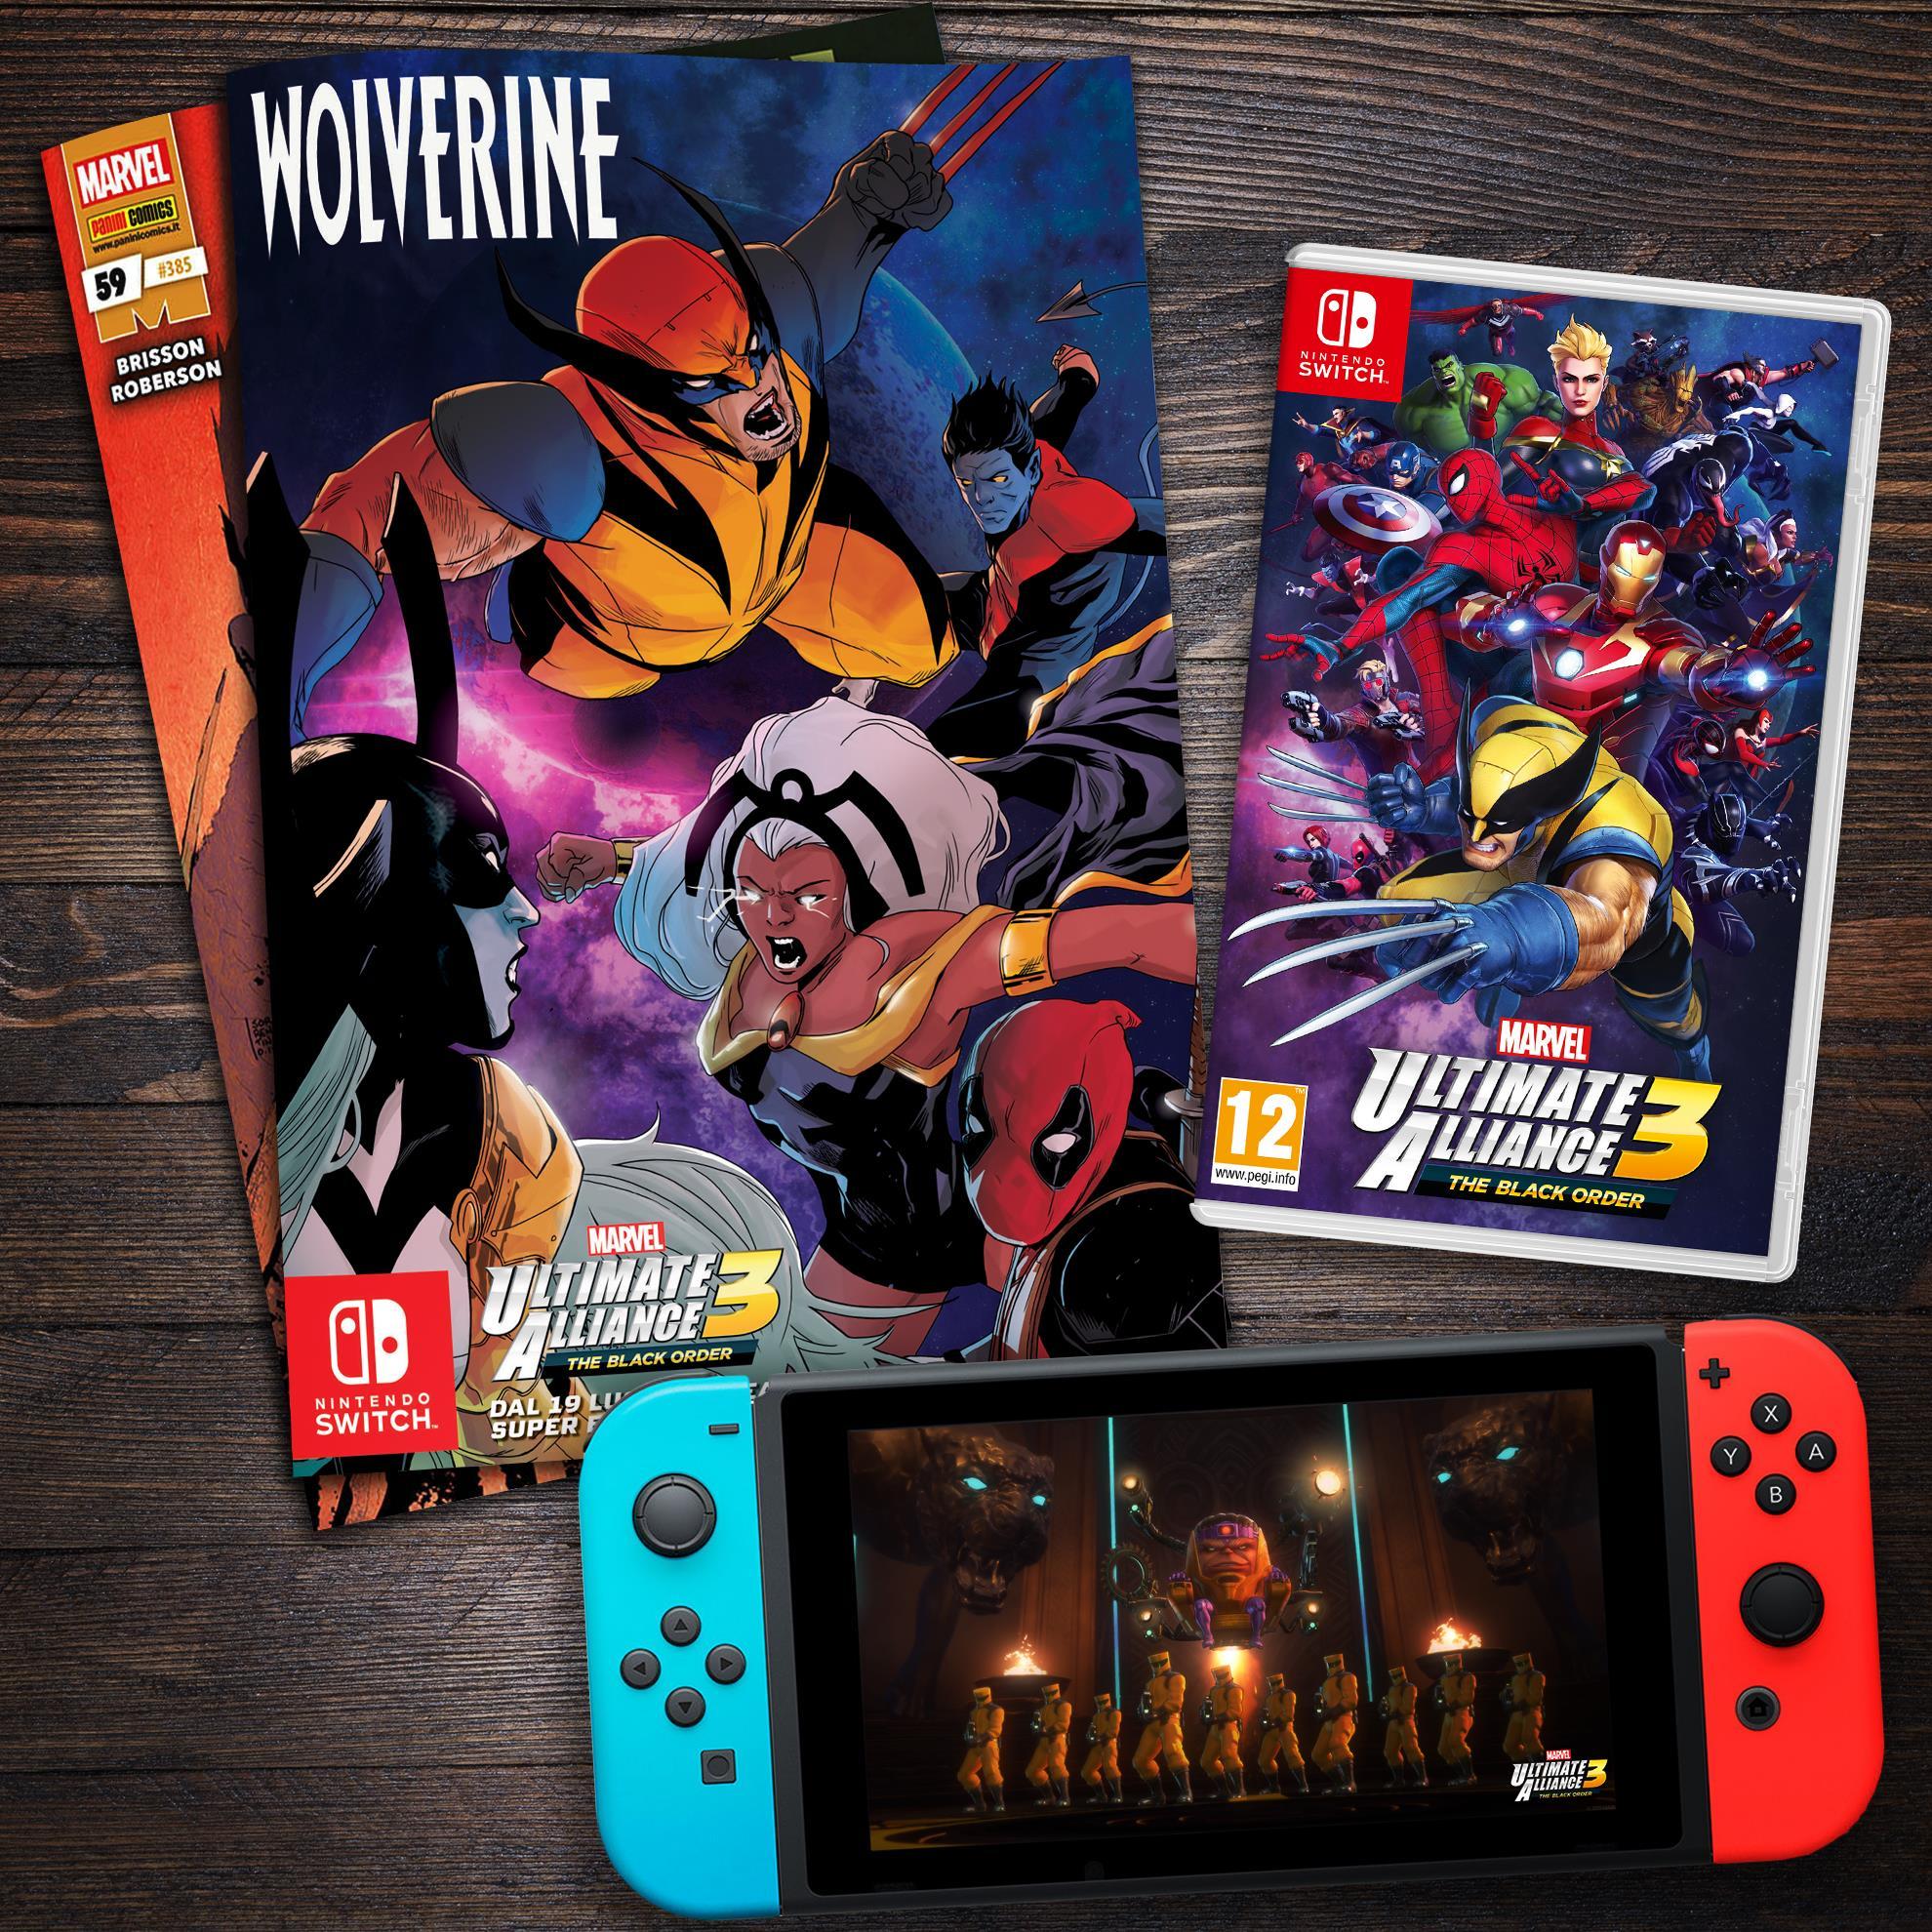 Marvel Ultimate Alliance 3: The Black Order - Da Nintendo e Panini ecco una cover variant di Wolverine 59 per celebrarne l'uscita